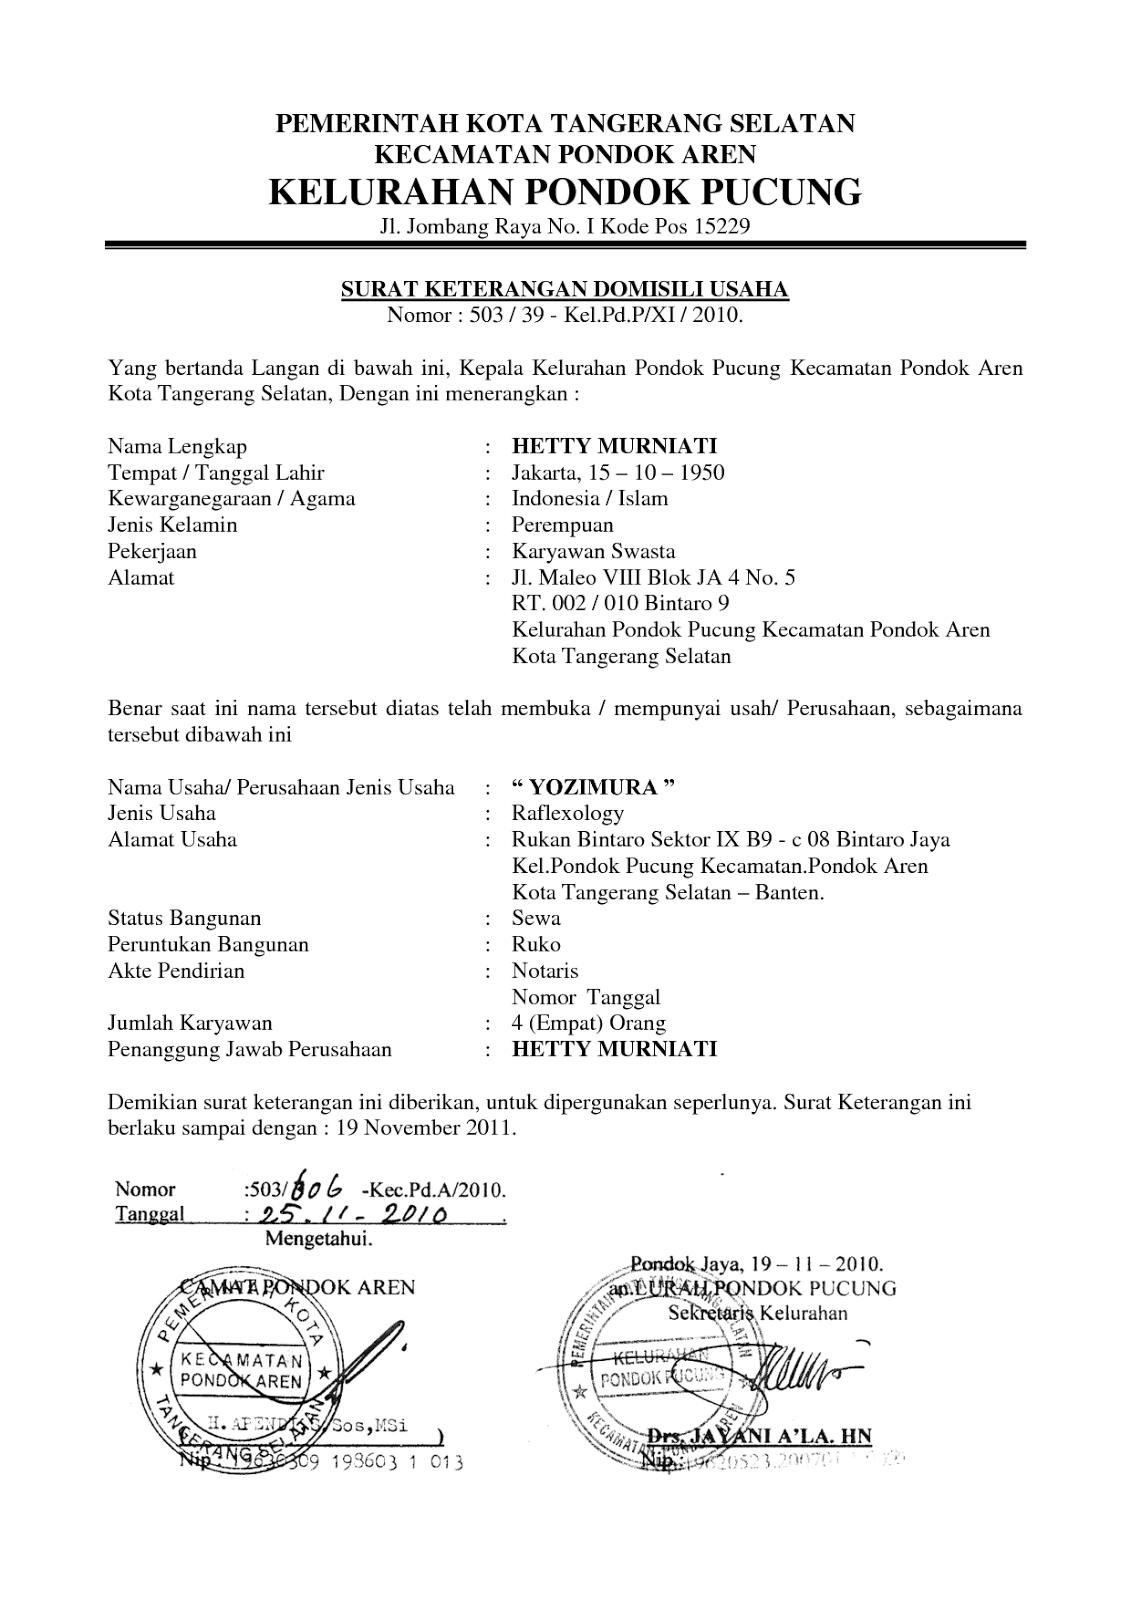 Surat Keterangan Domisili Usaha Skdu Yogos Shelter